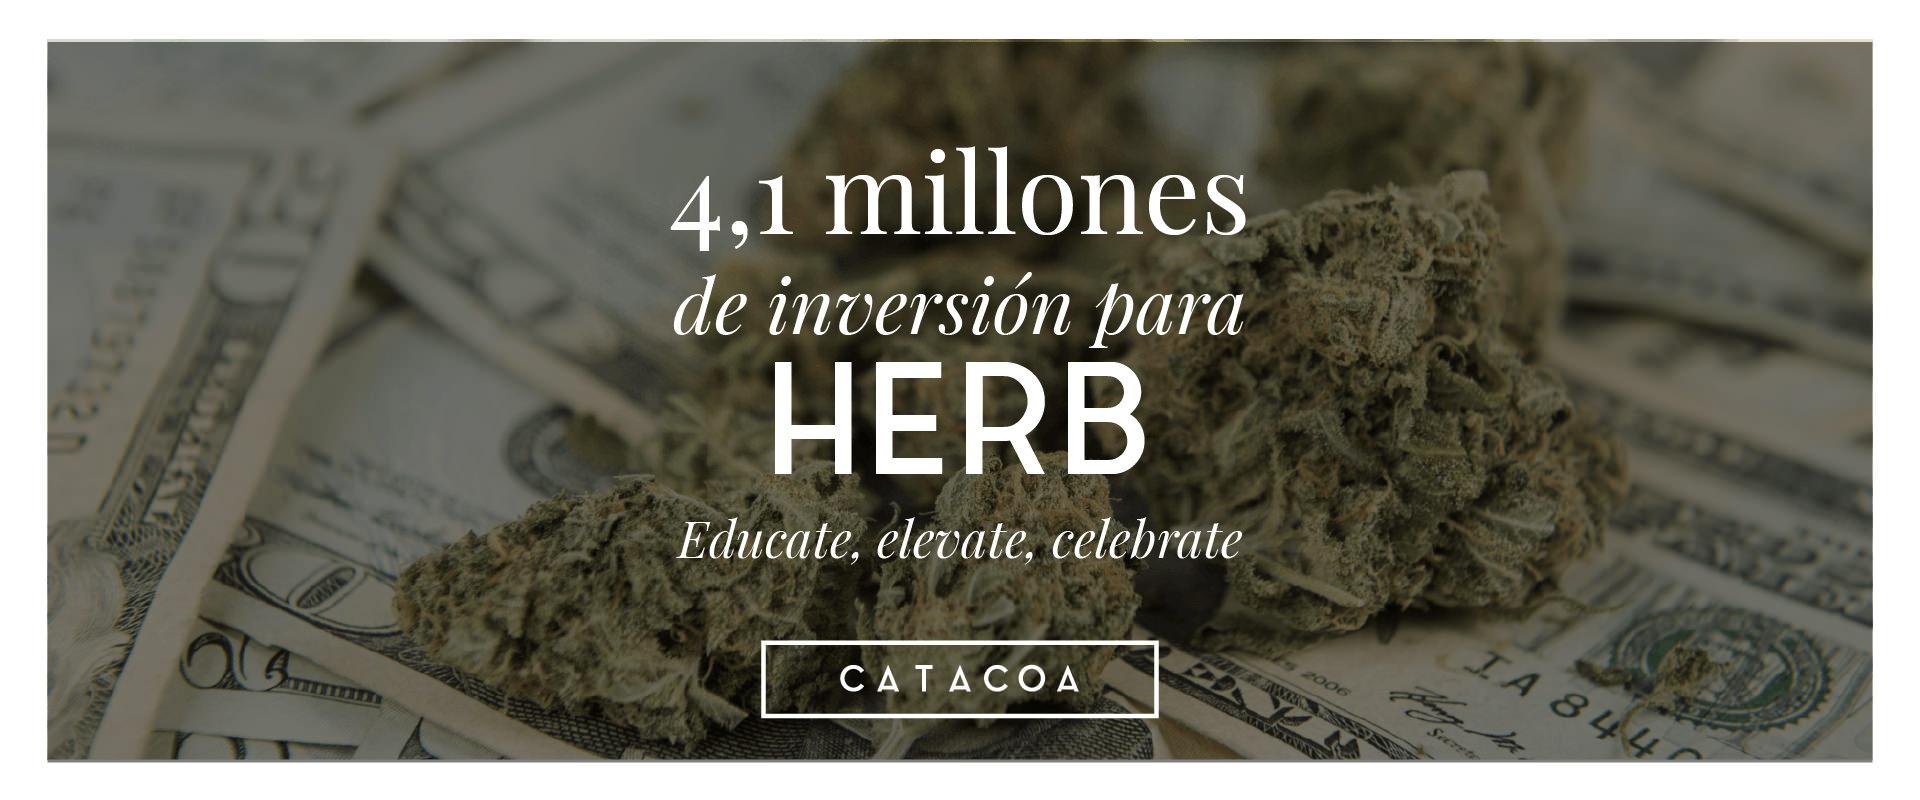 La página de contenido de Cannabis HERB recibe $4.1 Millones de dolares de inversión